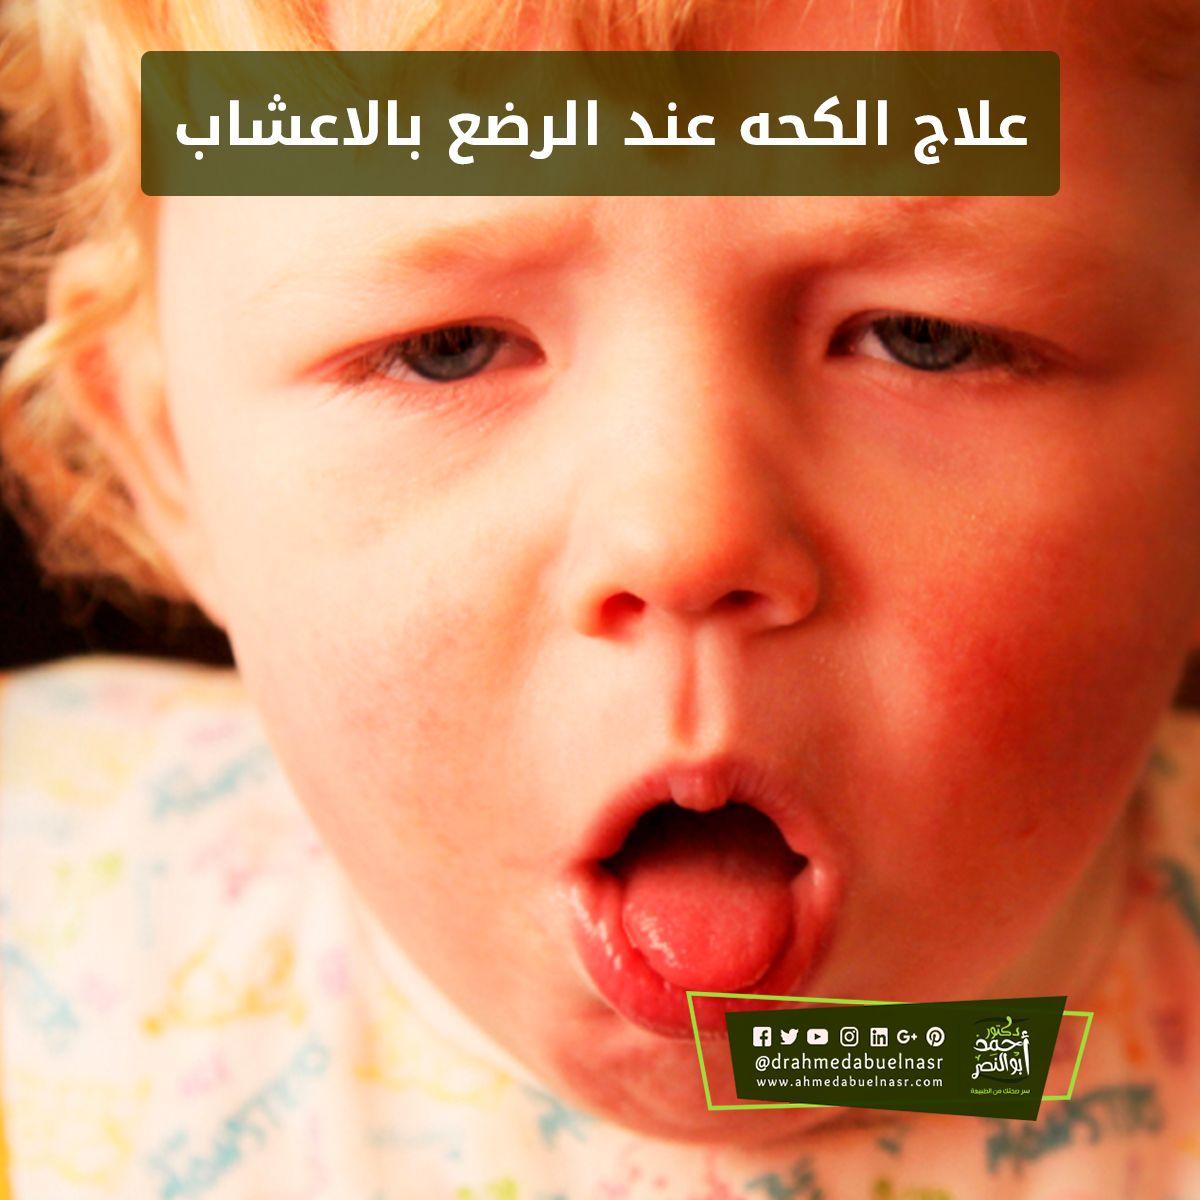 علاج الكحة عند الرضع بالاعشاب Baby Face Face Baby